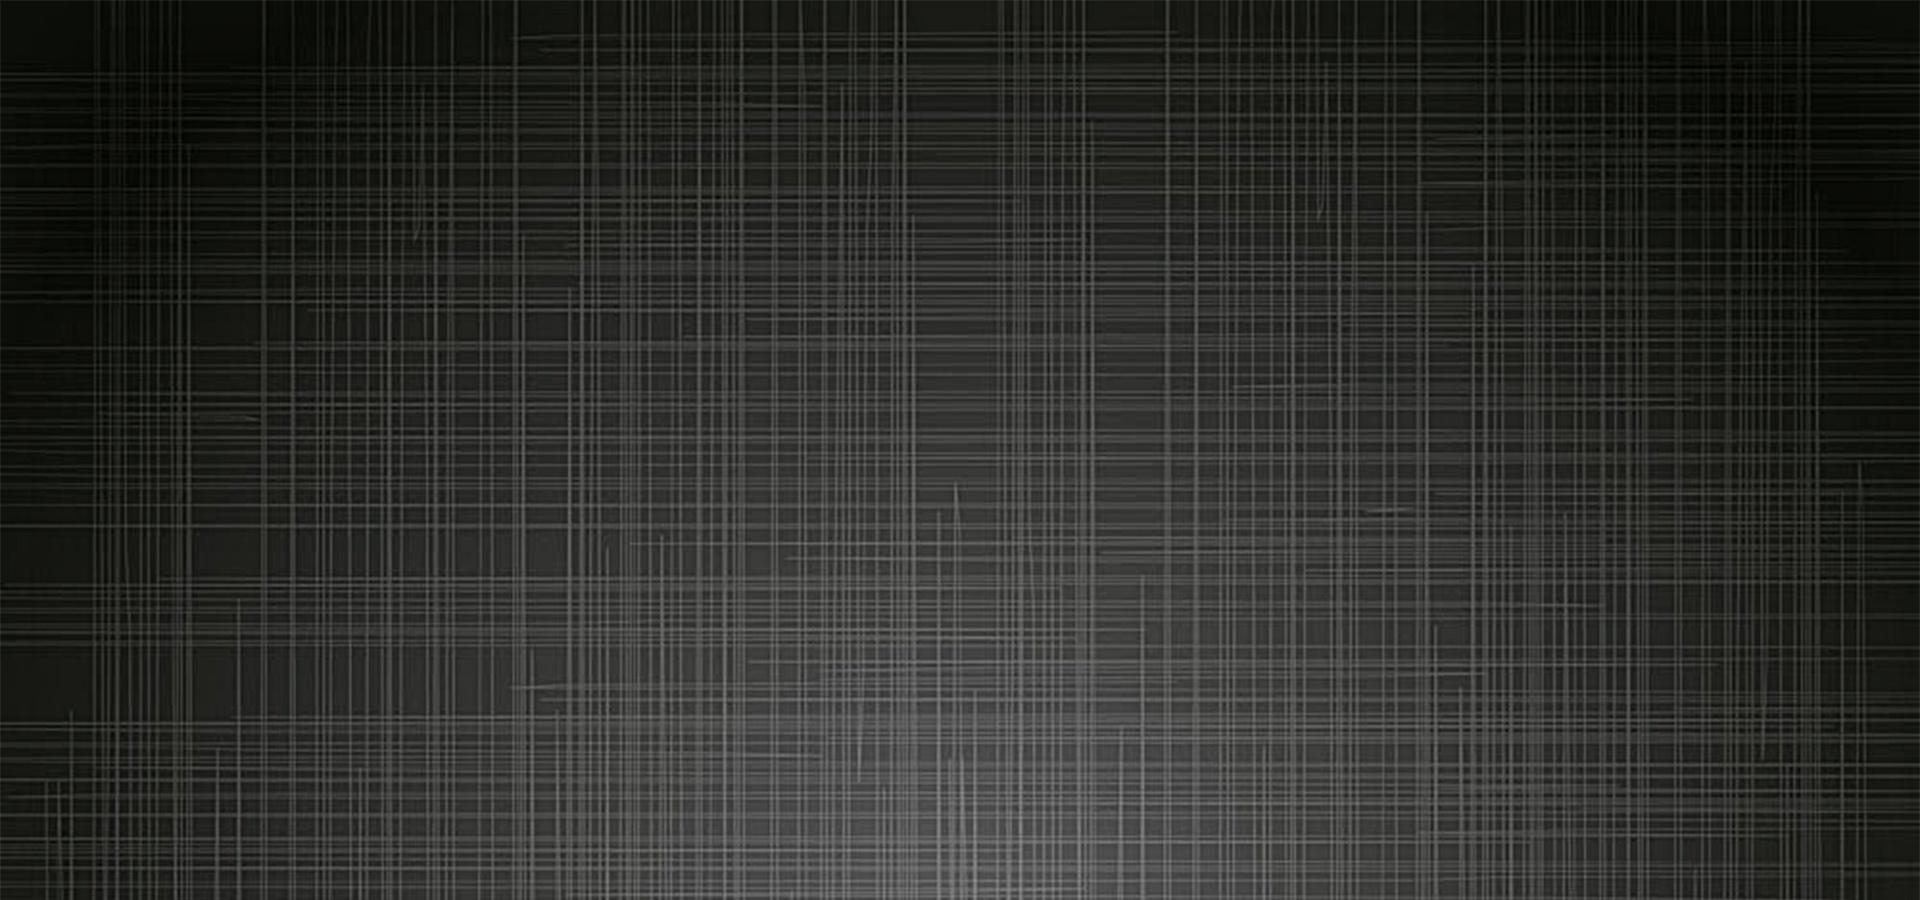 Patrón Diseño Fondos De Pantalla Textura Antecedentes: Patrón Textura Mosaico Tile Antecedentes Diseño Telón